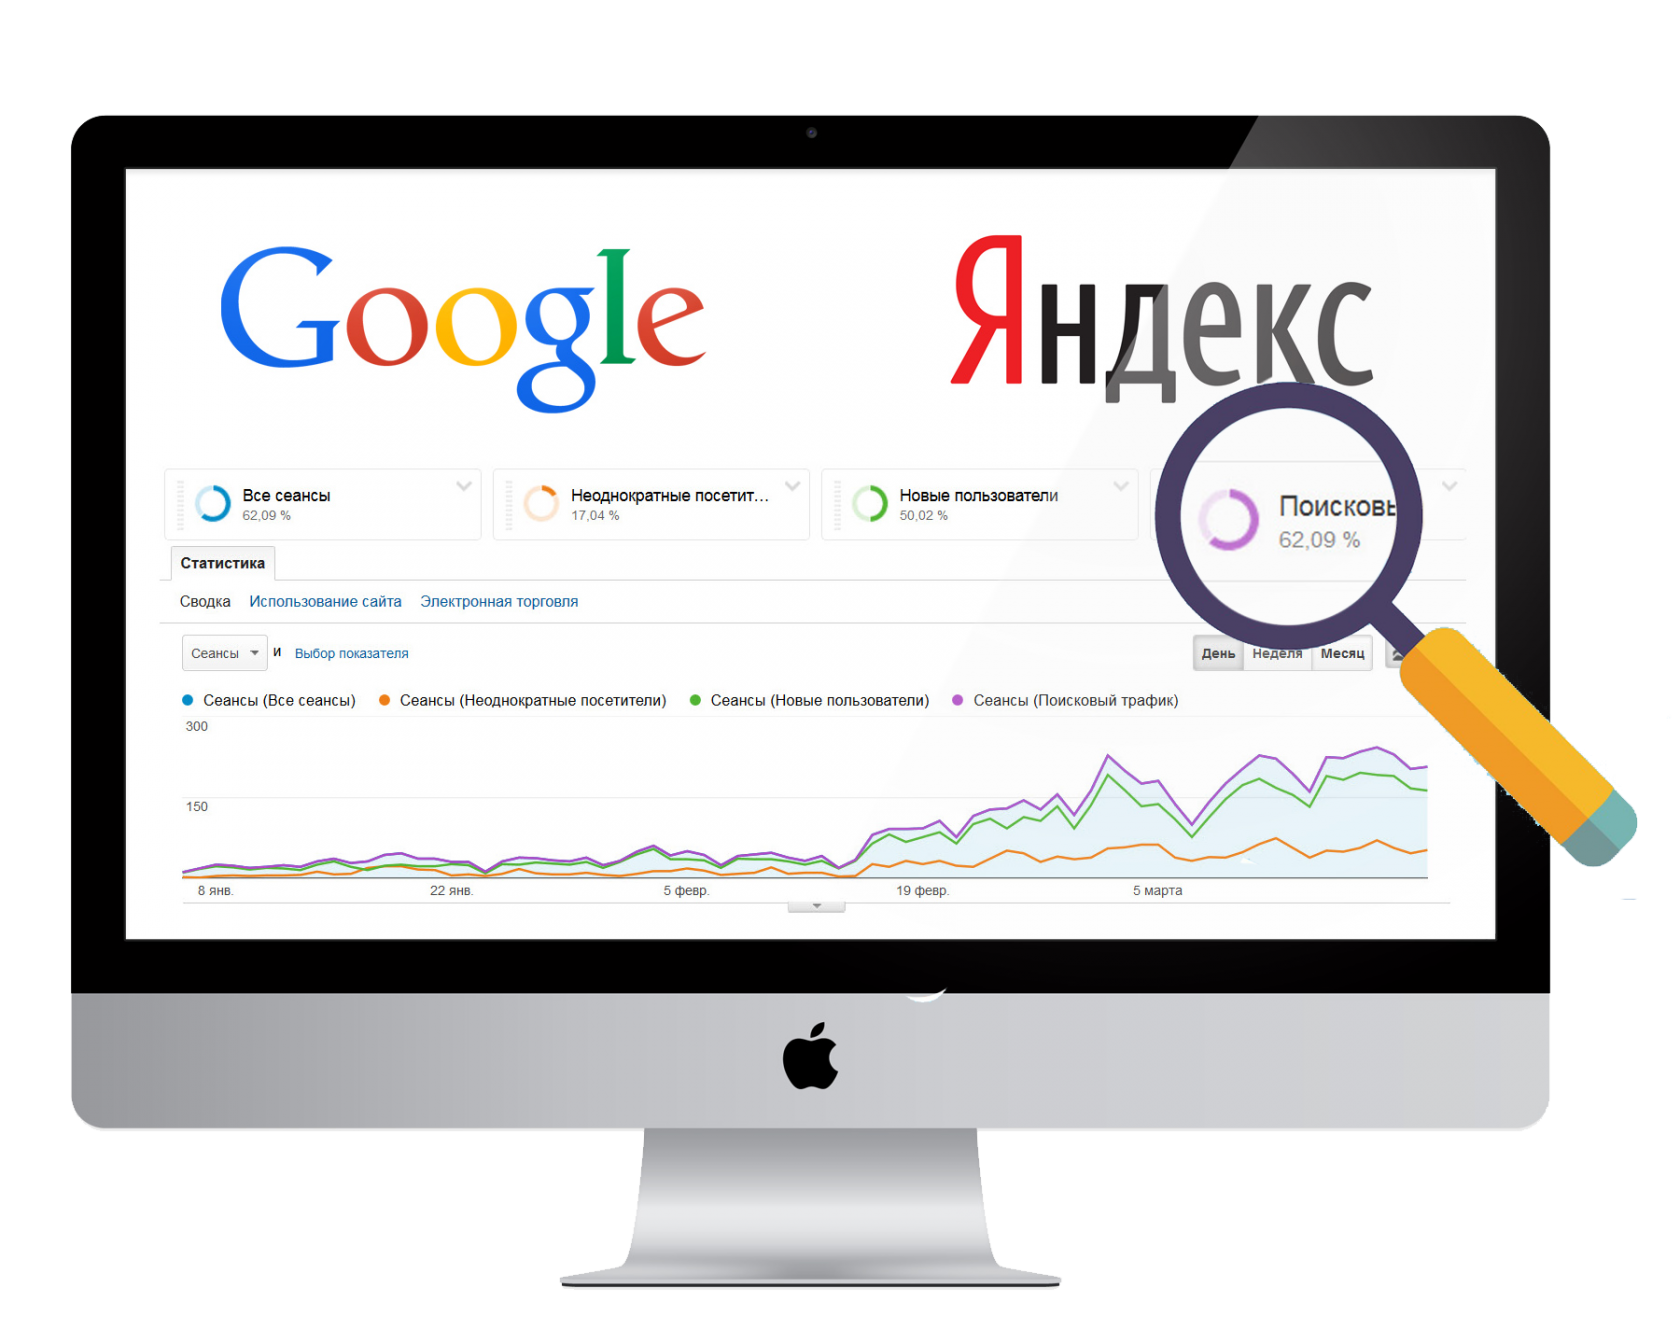 Поисковое продвижения сайтов сделай своими руками магазин интернет